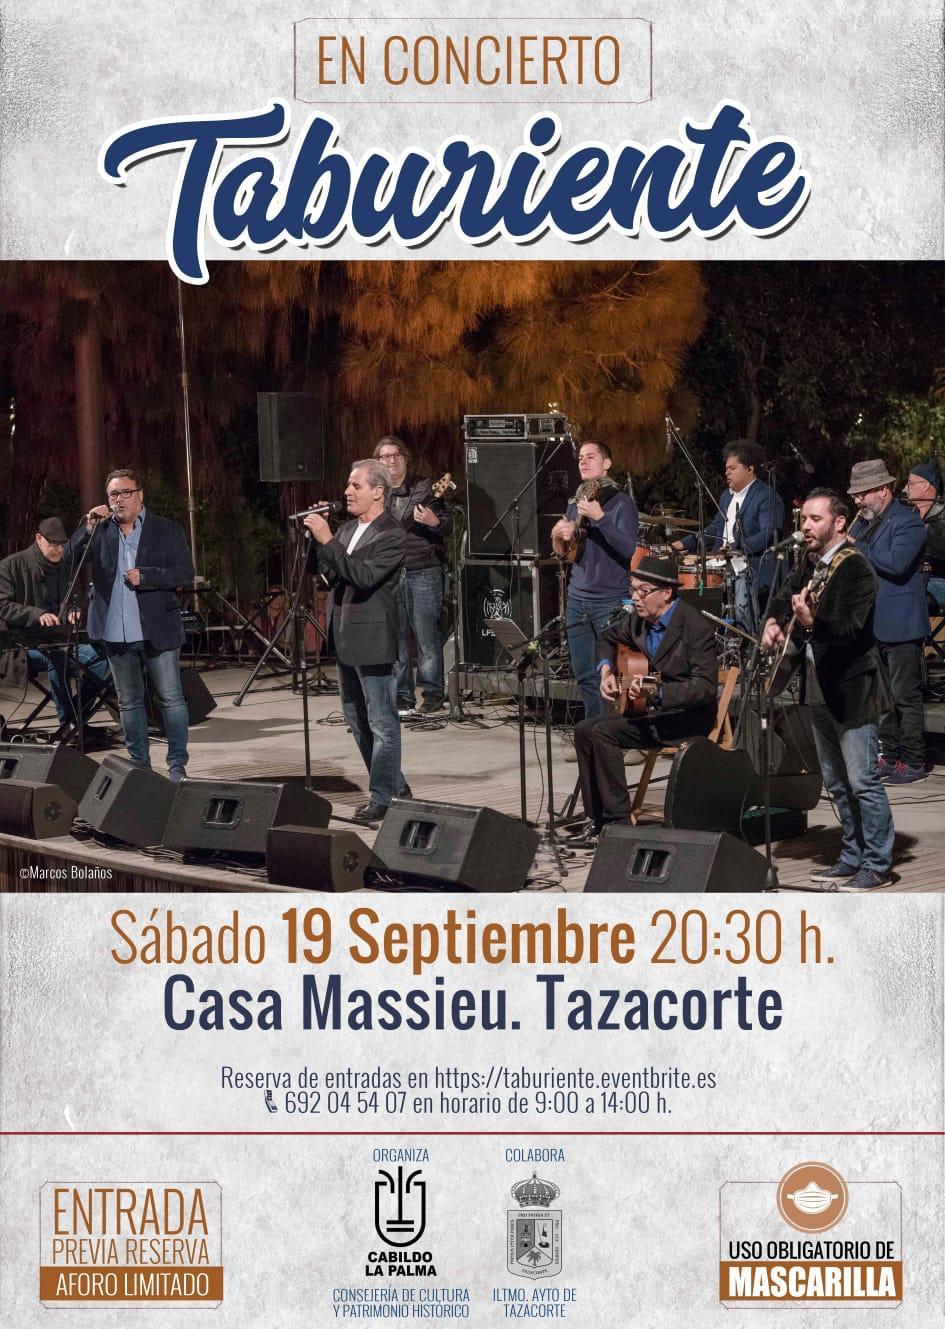 concierto-taburiente-tazacorte-19-09-2020